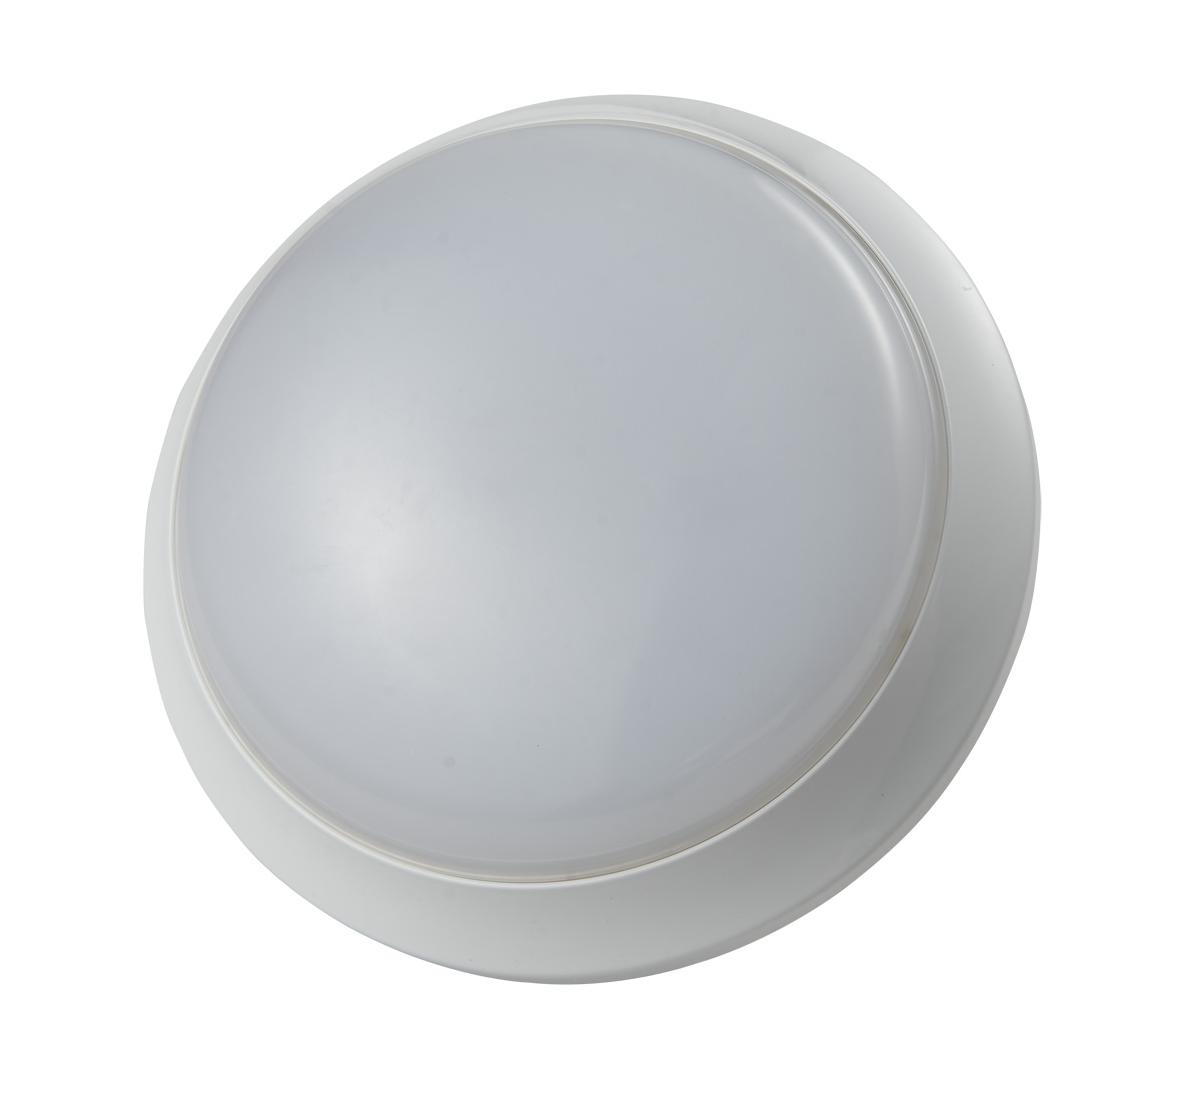 Mark Lighting 14W LED Bulkhead 4000k IP54 Emergency - M3RL14E